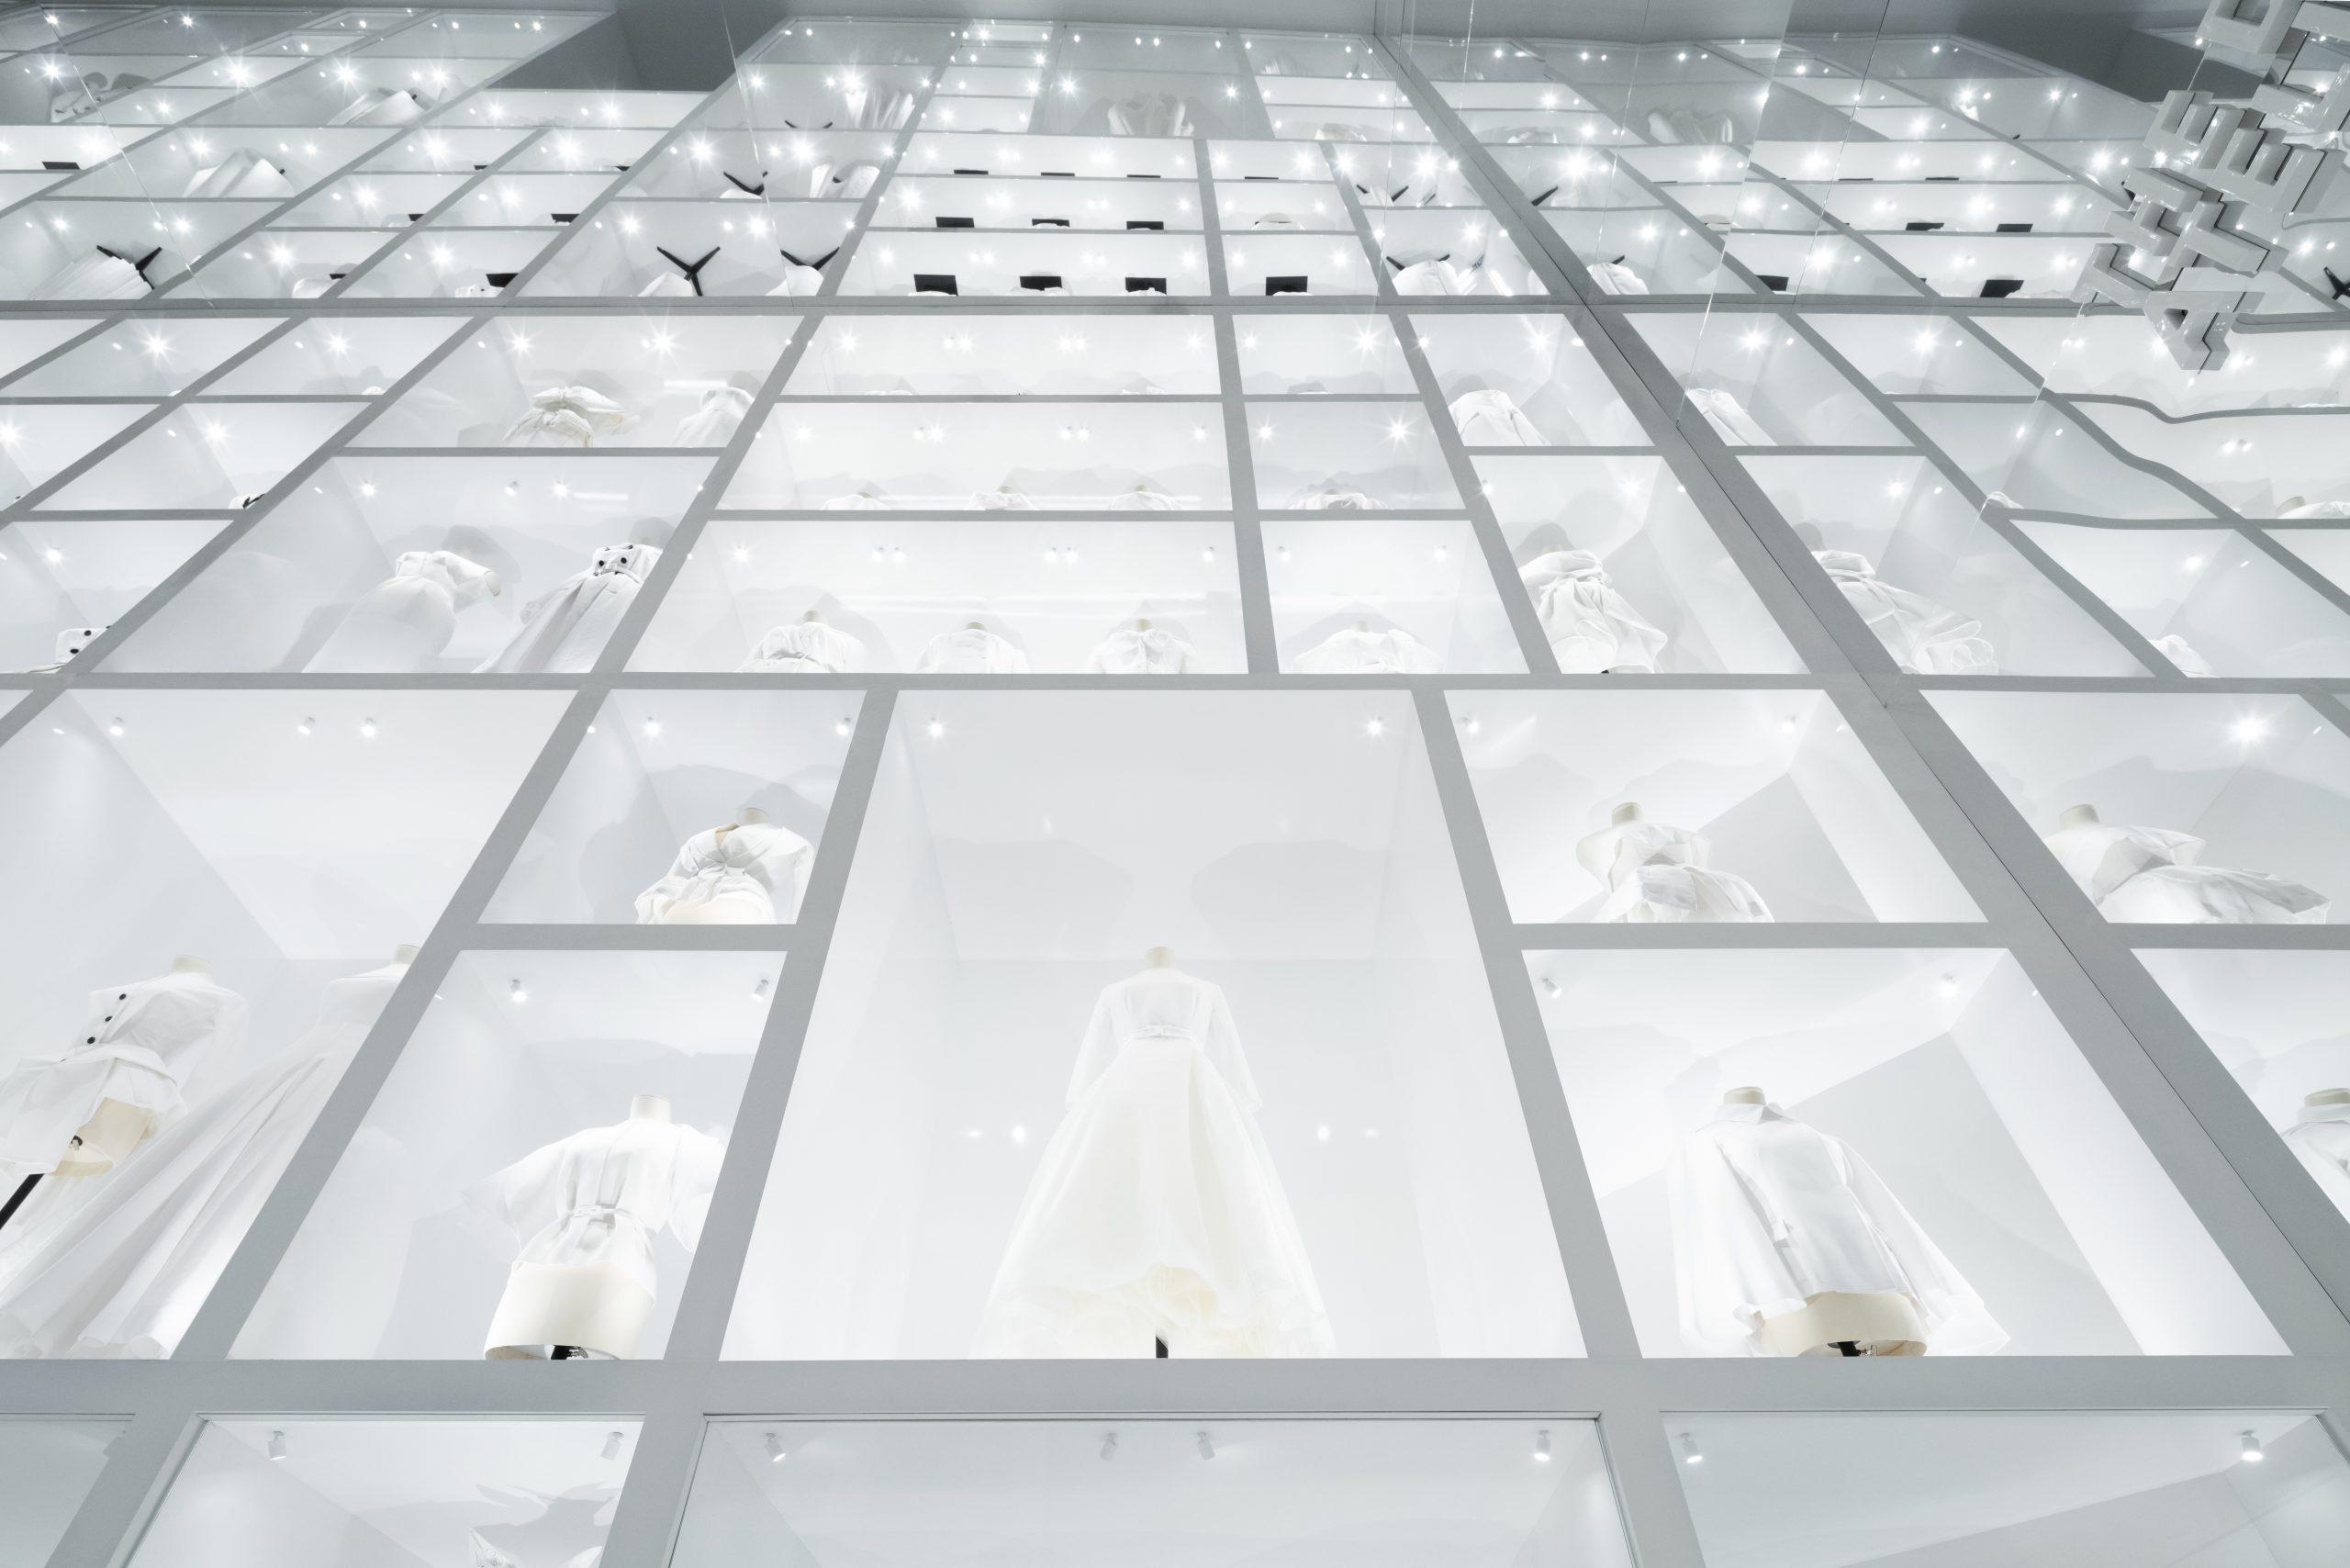 Christian Dior Exhibit at Brooklyn Museum Celebrates Fashion Designer's Genius